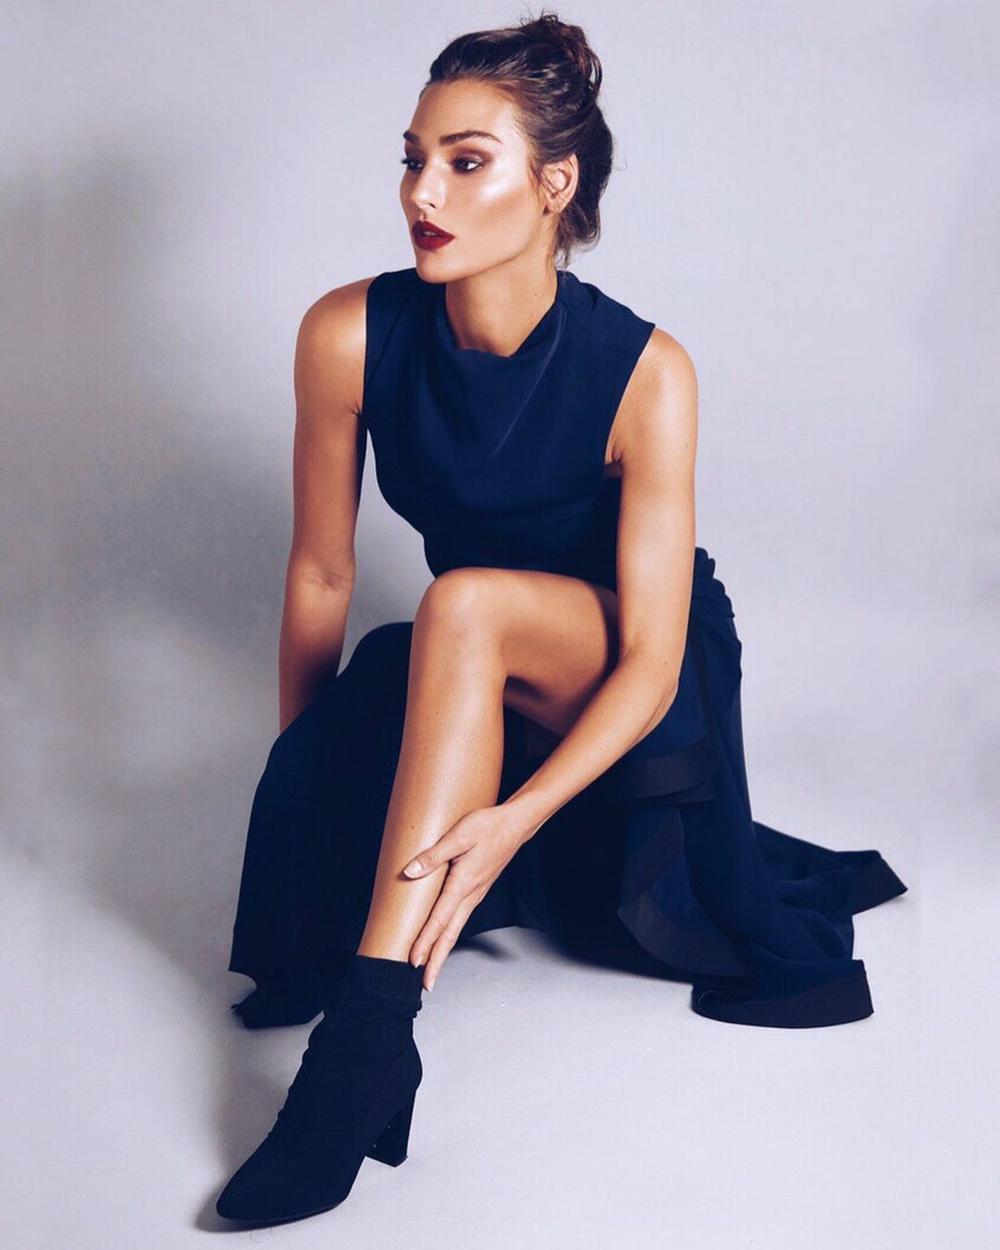 Tan chảy trước nhan sắc Tân Hoa hậu Trái đất: Thần thái nữ hoàng, body chuẩn siêu mẫu Ảnh 10